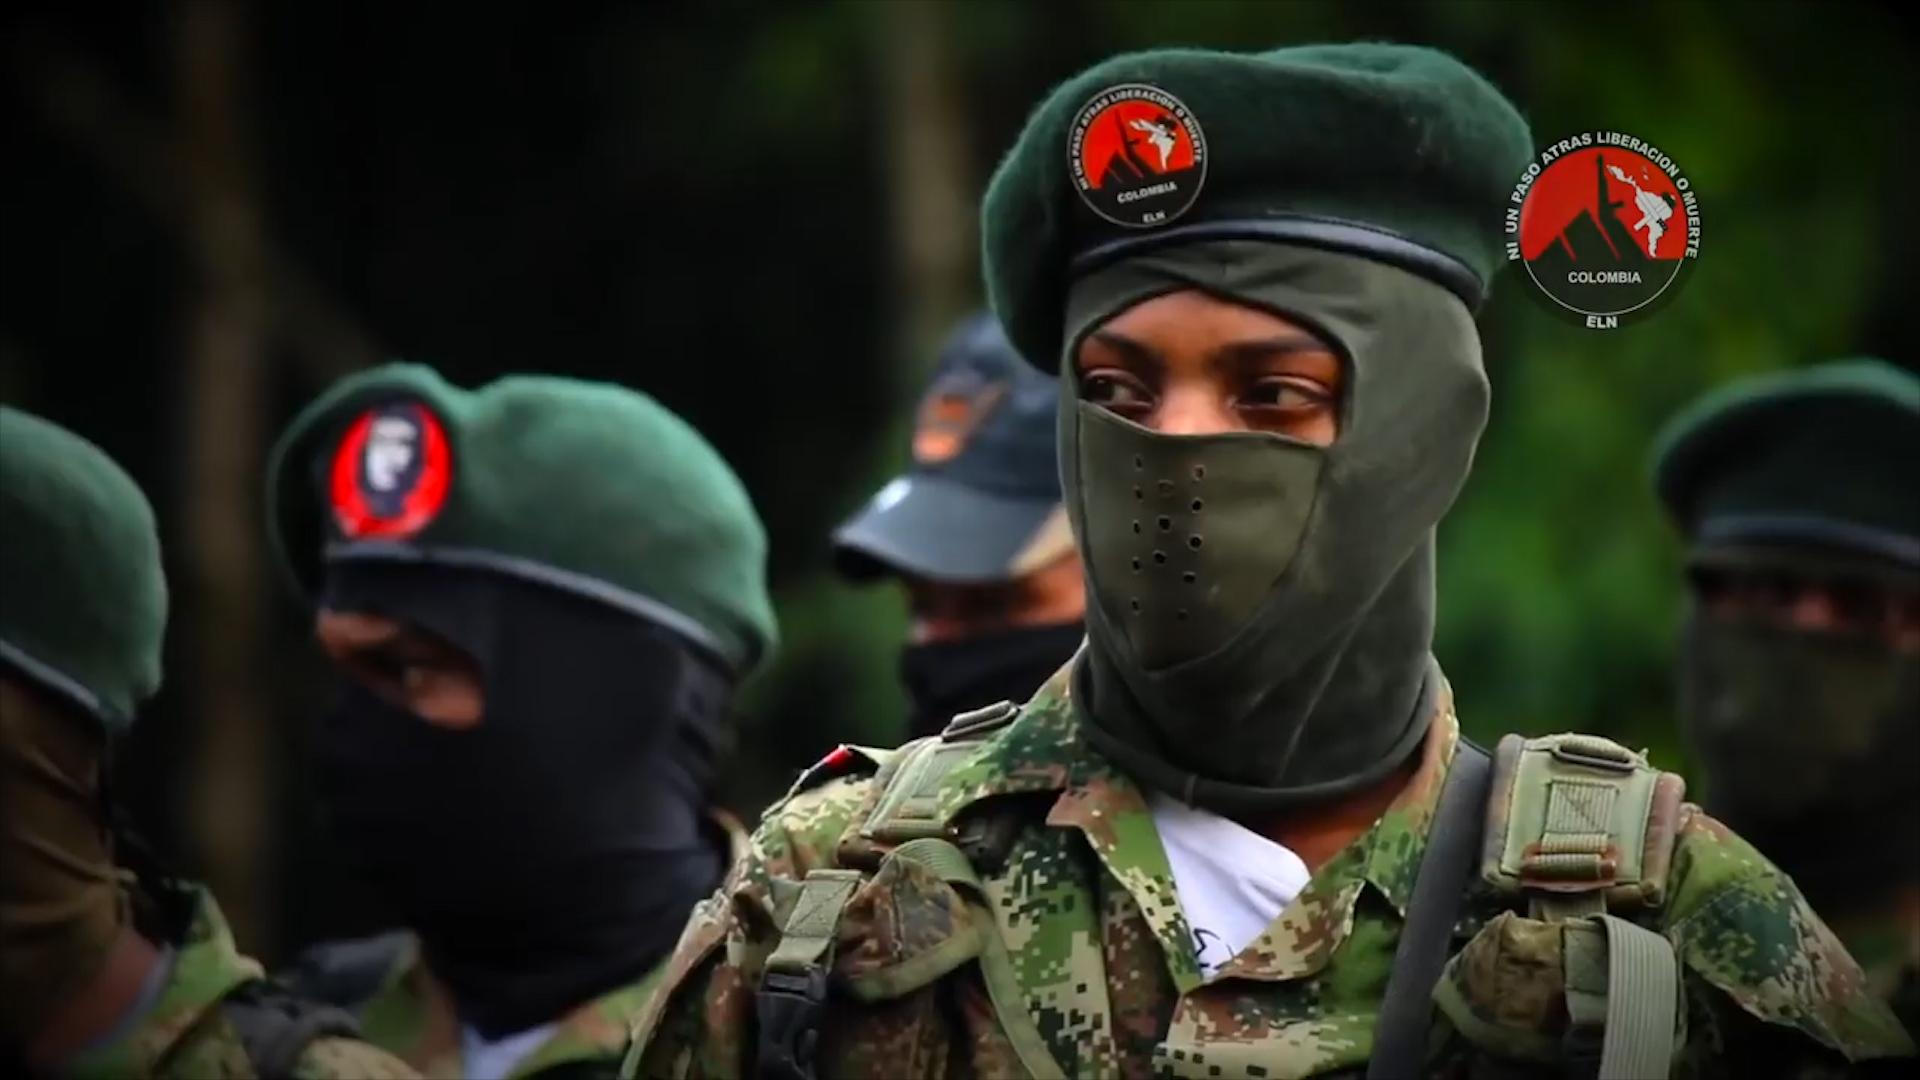 La guerrilla del ELN, quetiene fuerte presencia en Arauca, ha perpetrado 12 acciones terroristas desde que terminó el cese al fuego bilateral el pasado martes